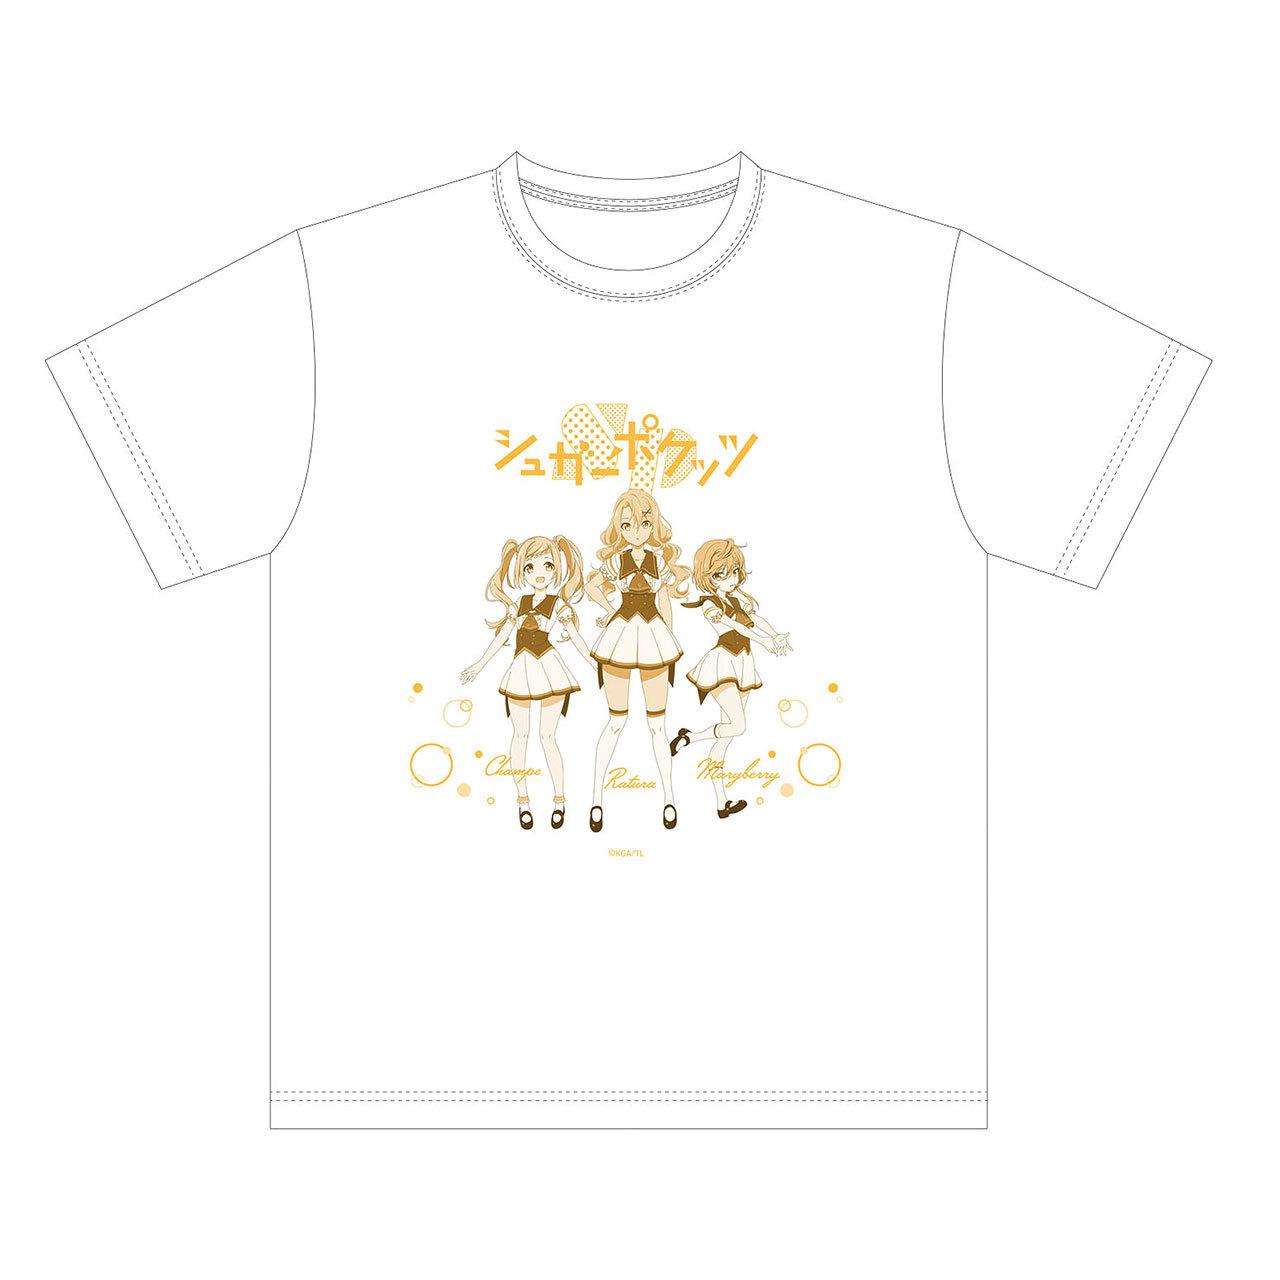 【4589839354554予】ラピスリライツ シュガーポケッツ Tシャツ 白/Mサイズ